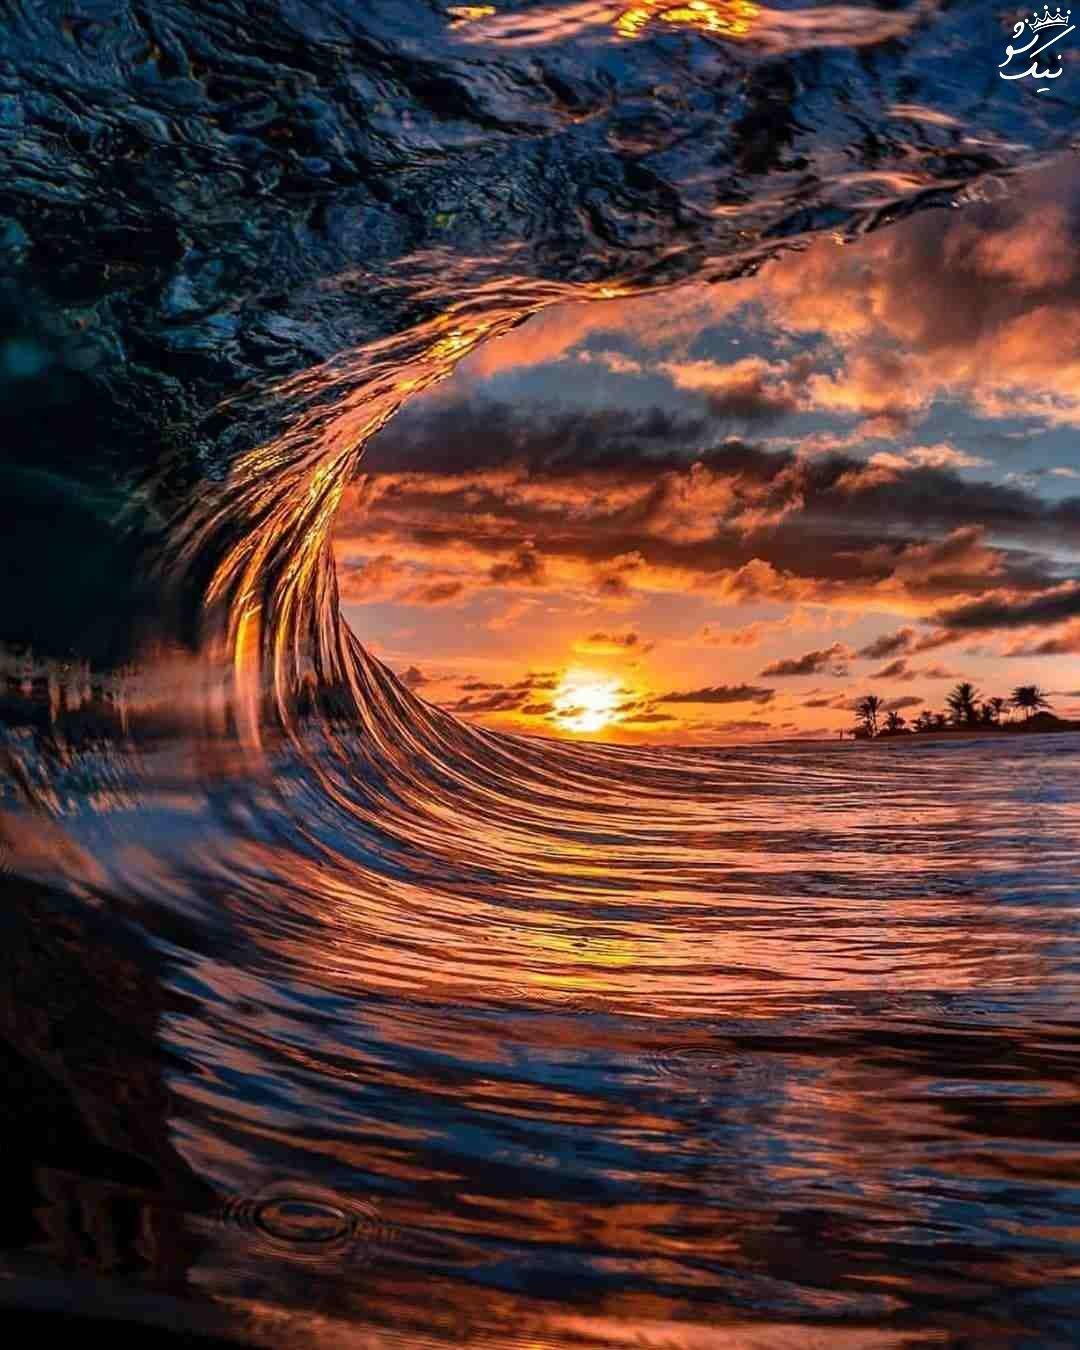 دیدنی های فوق العاده سیاره زمین Awesome Earth